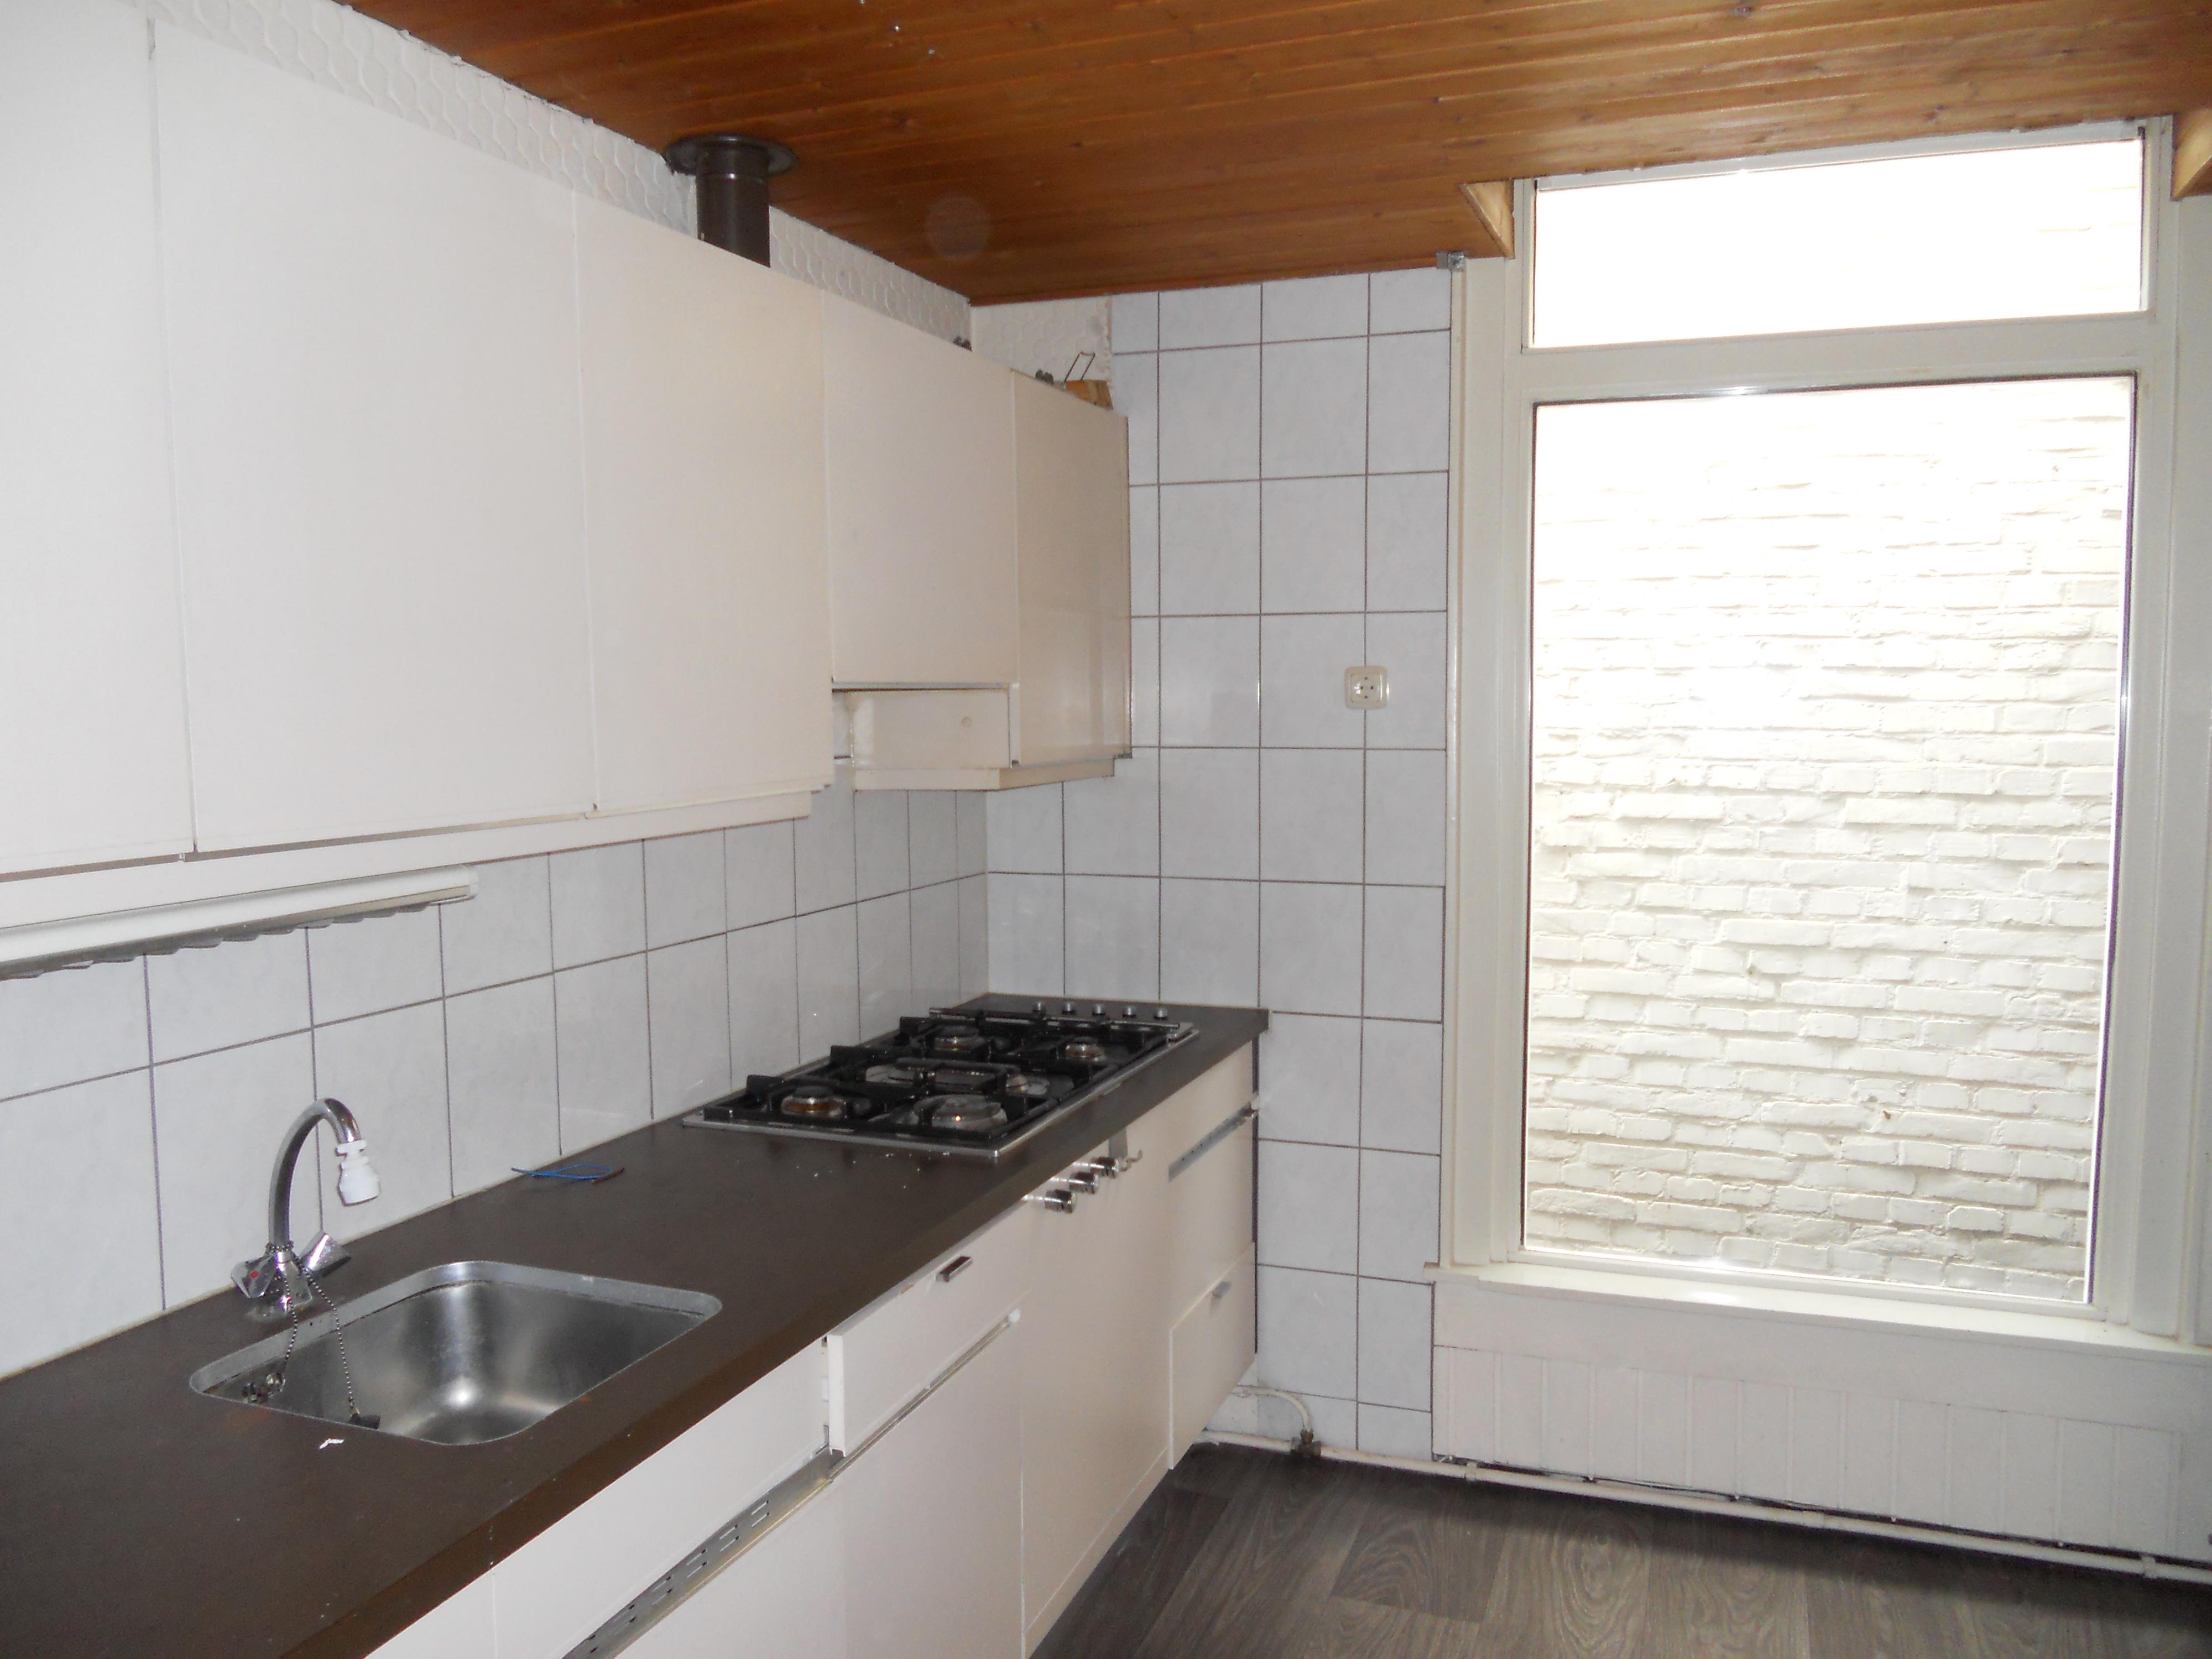 Te huur 4002 1 studentenkamer beschikbaar in het centrum van enschede twents vast enschede - Center meubilair keuken ...